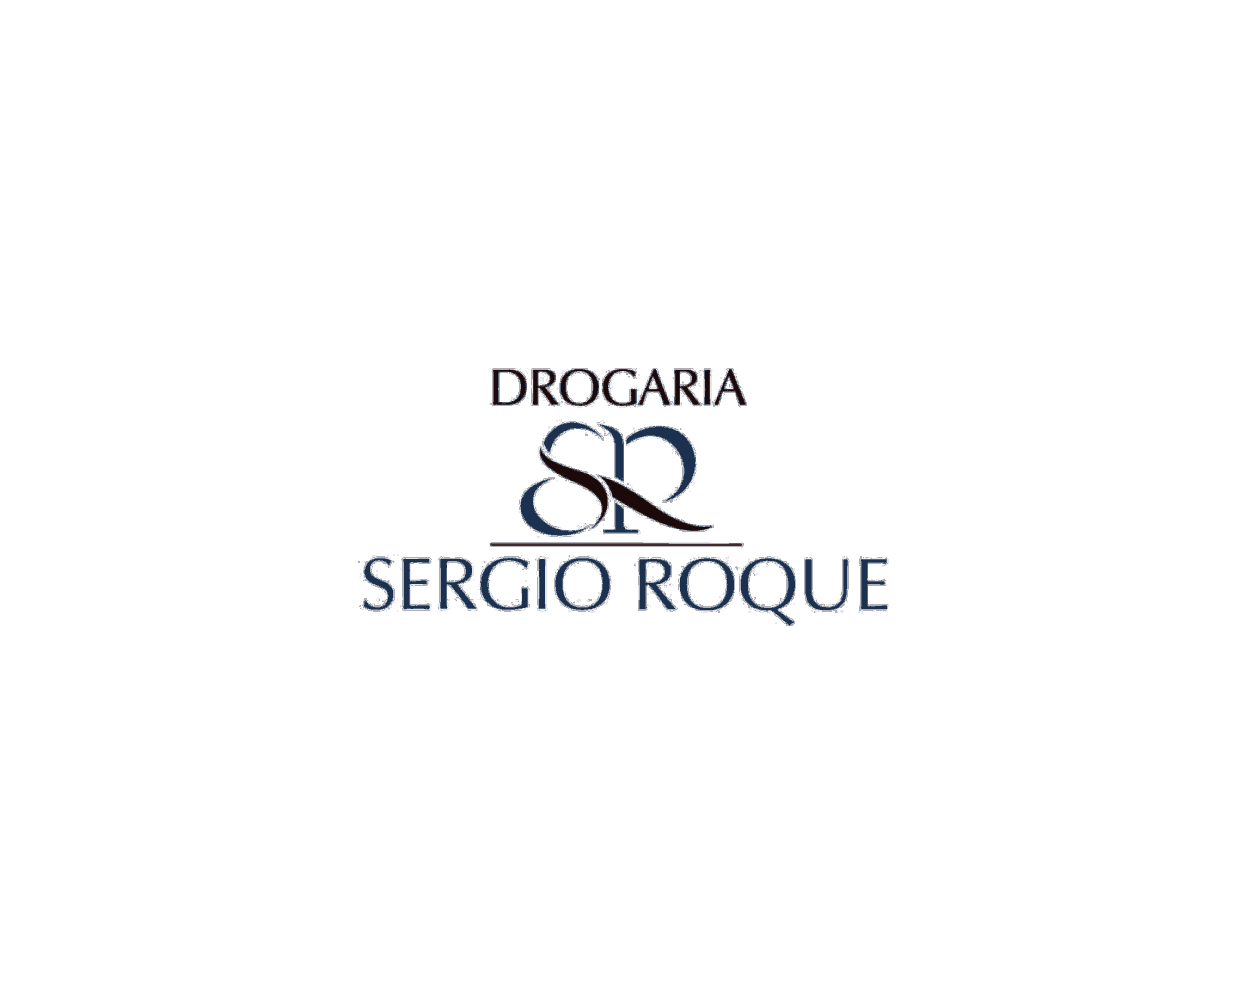 Sergio Roque